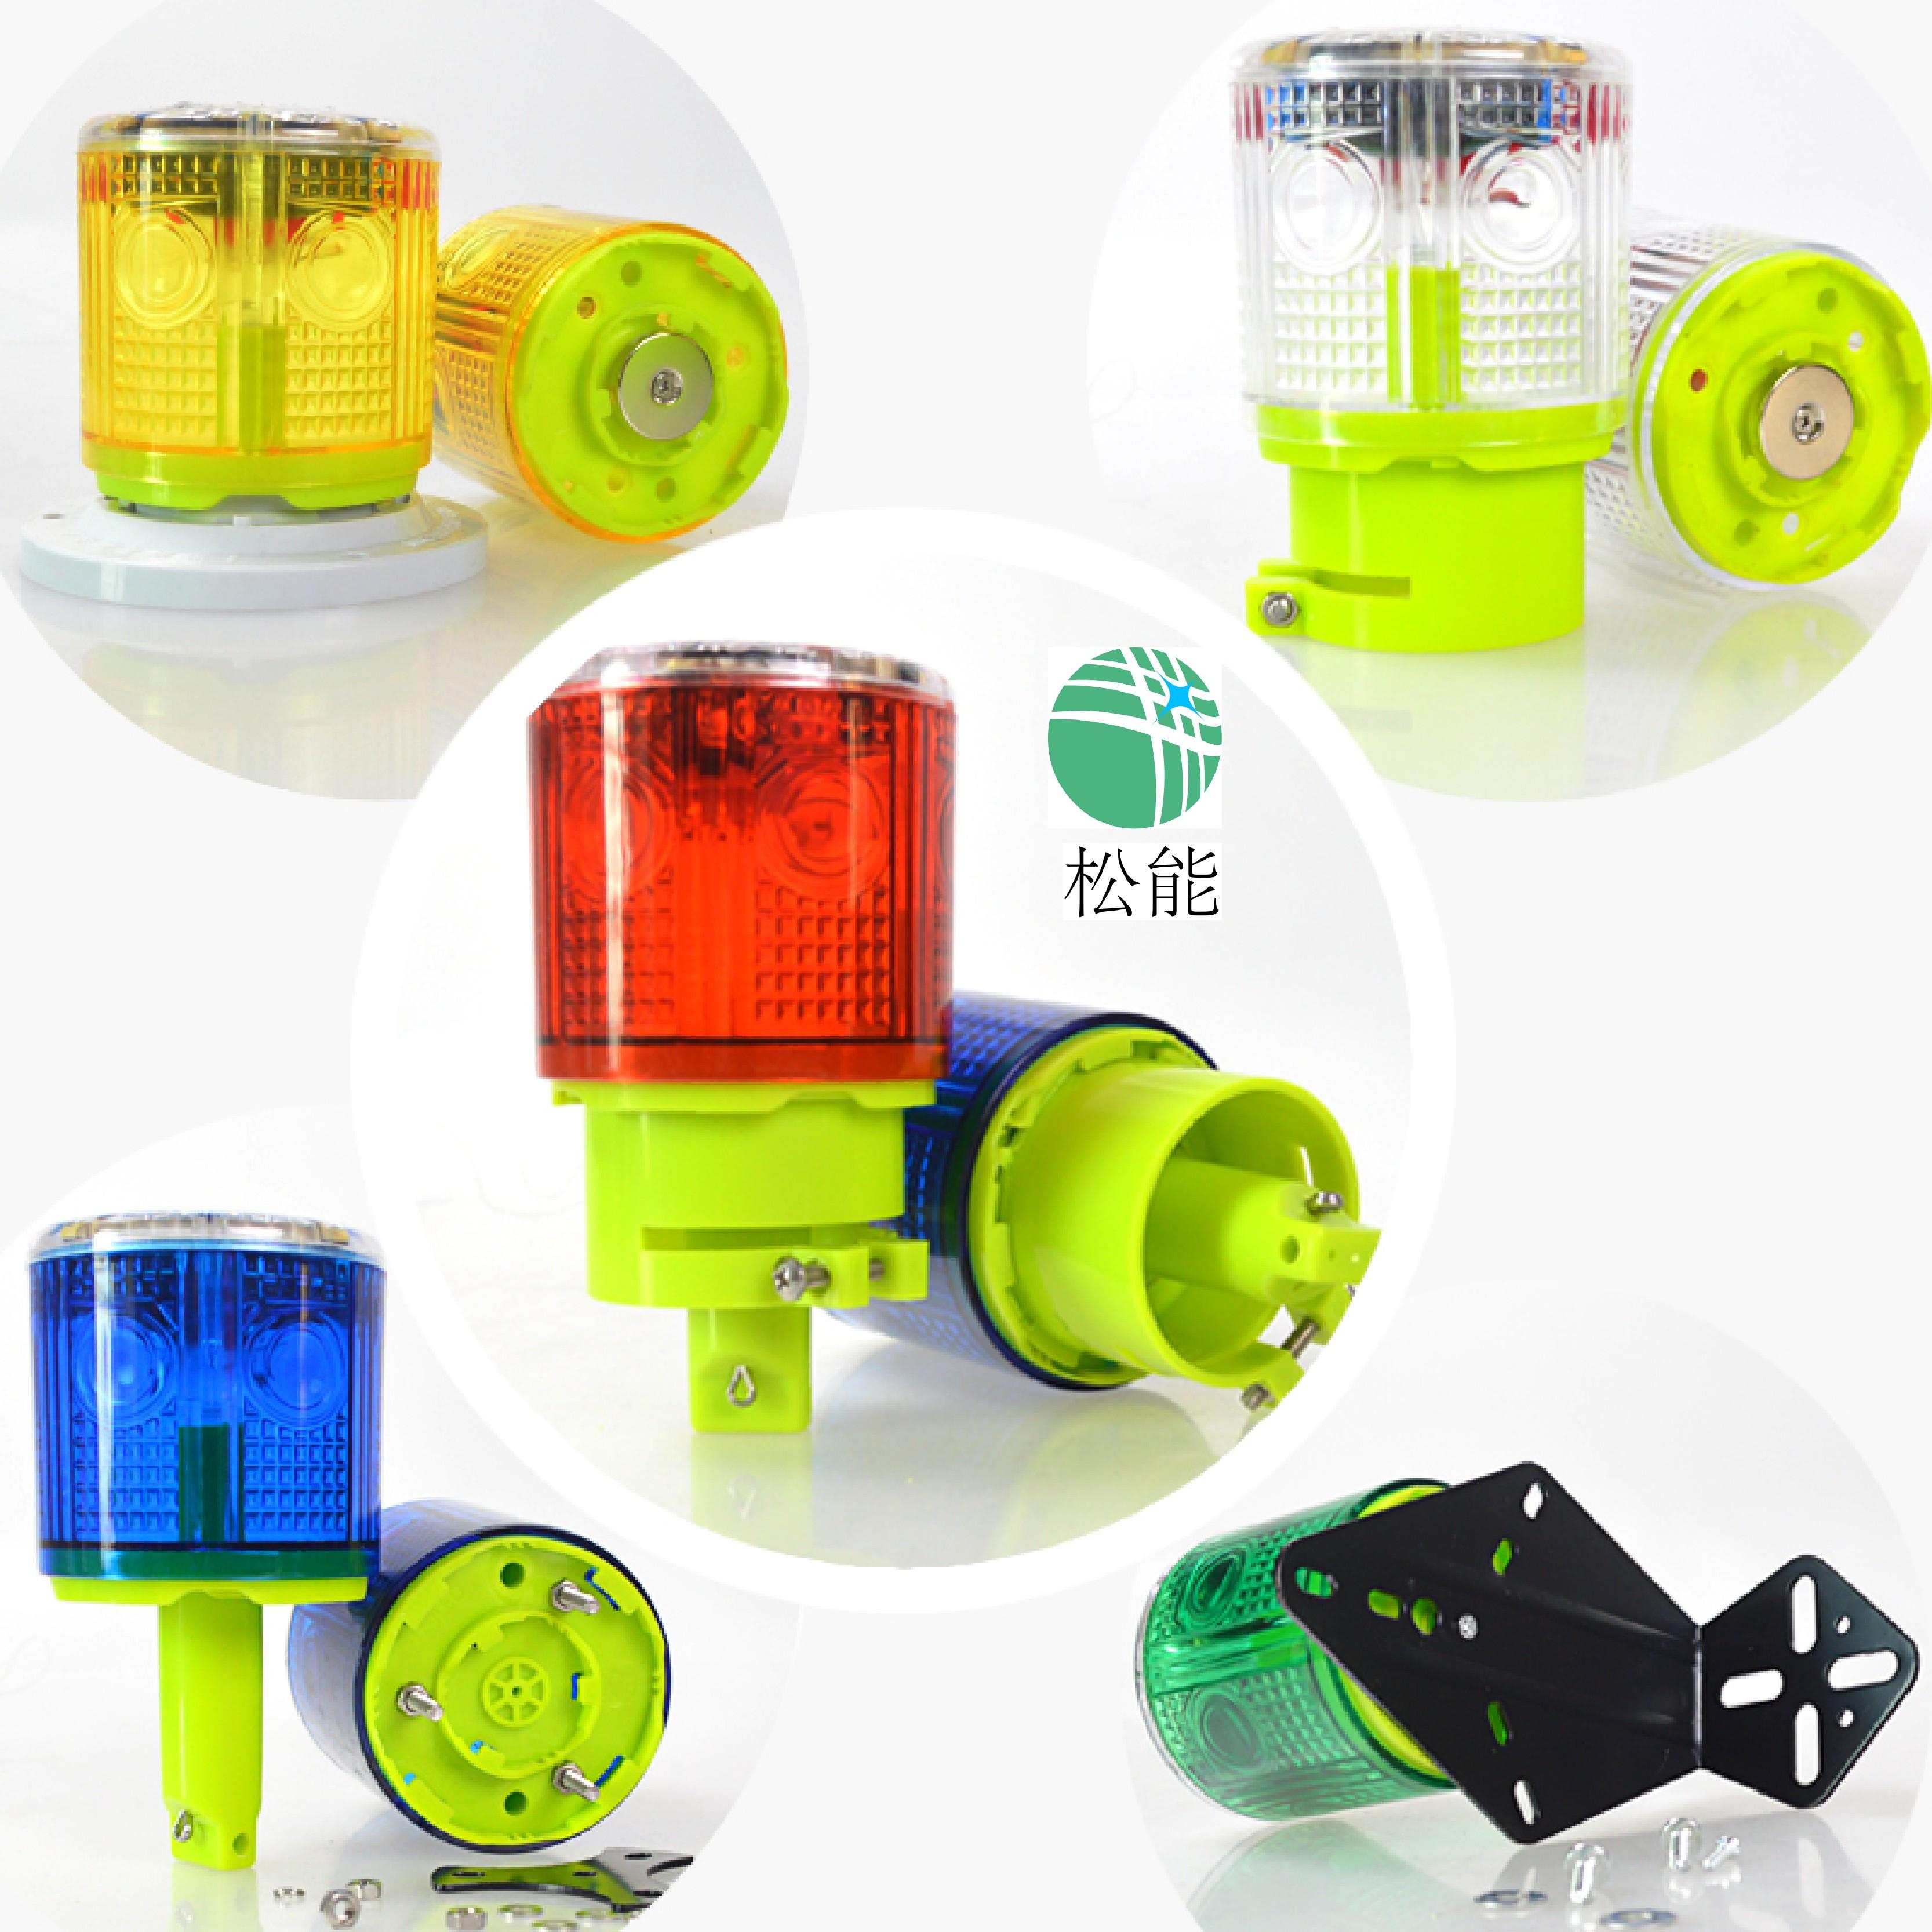 上海松能电子SN-6S800太阳能警示灯厂家直销